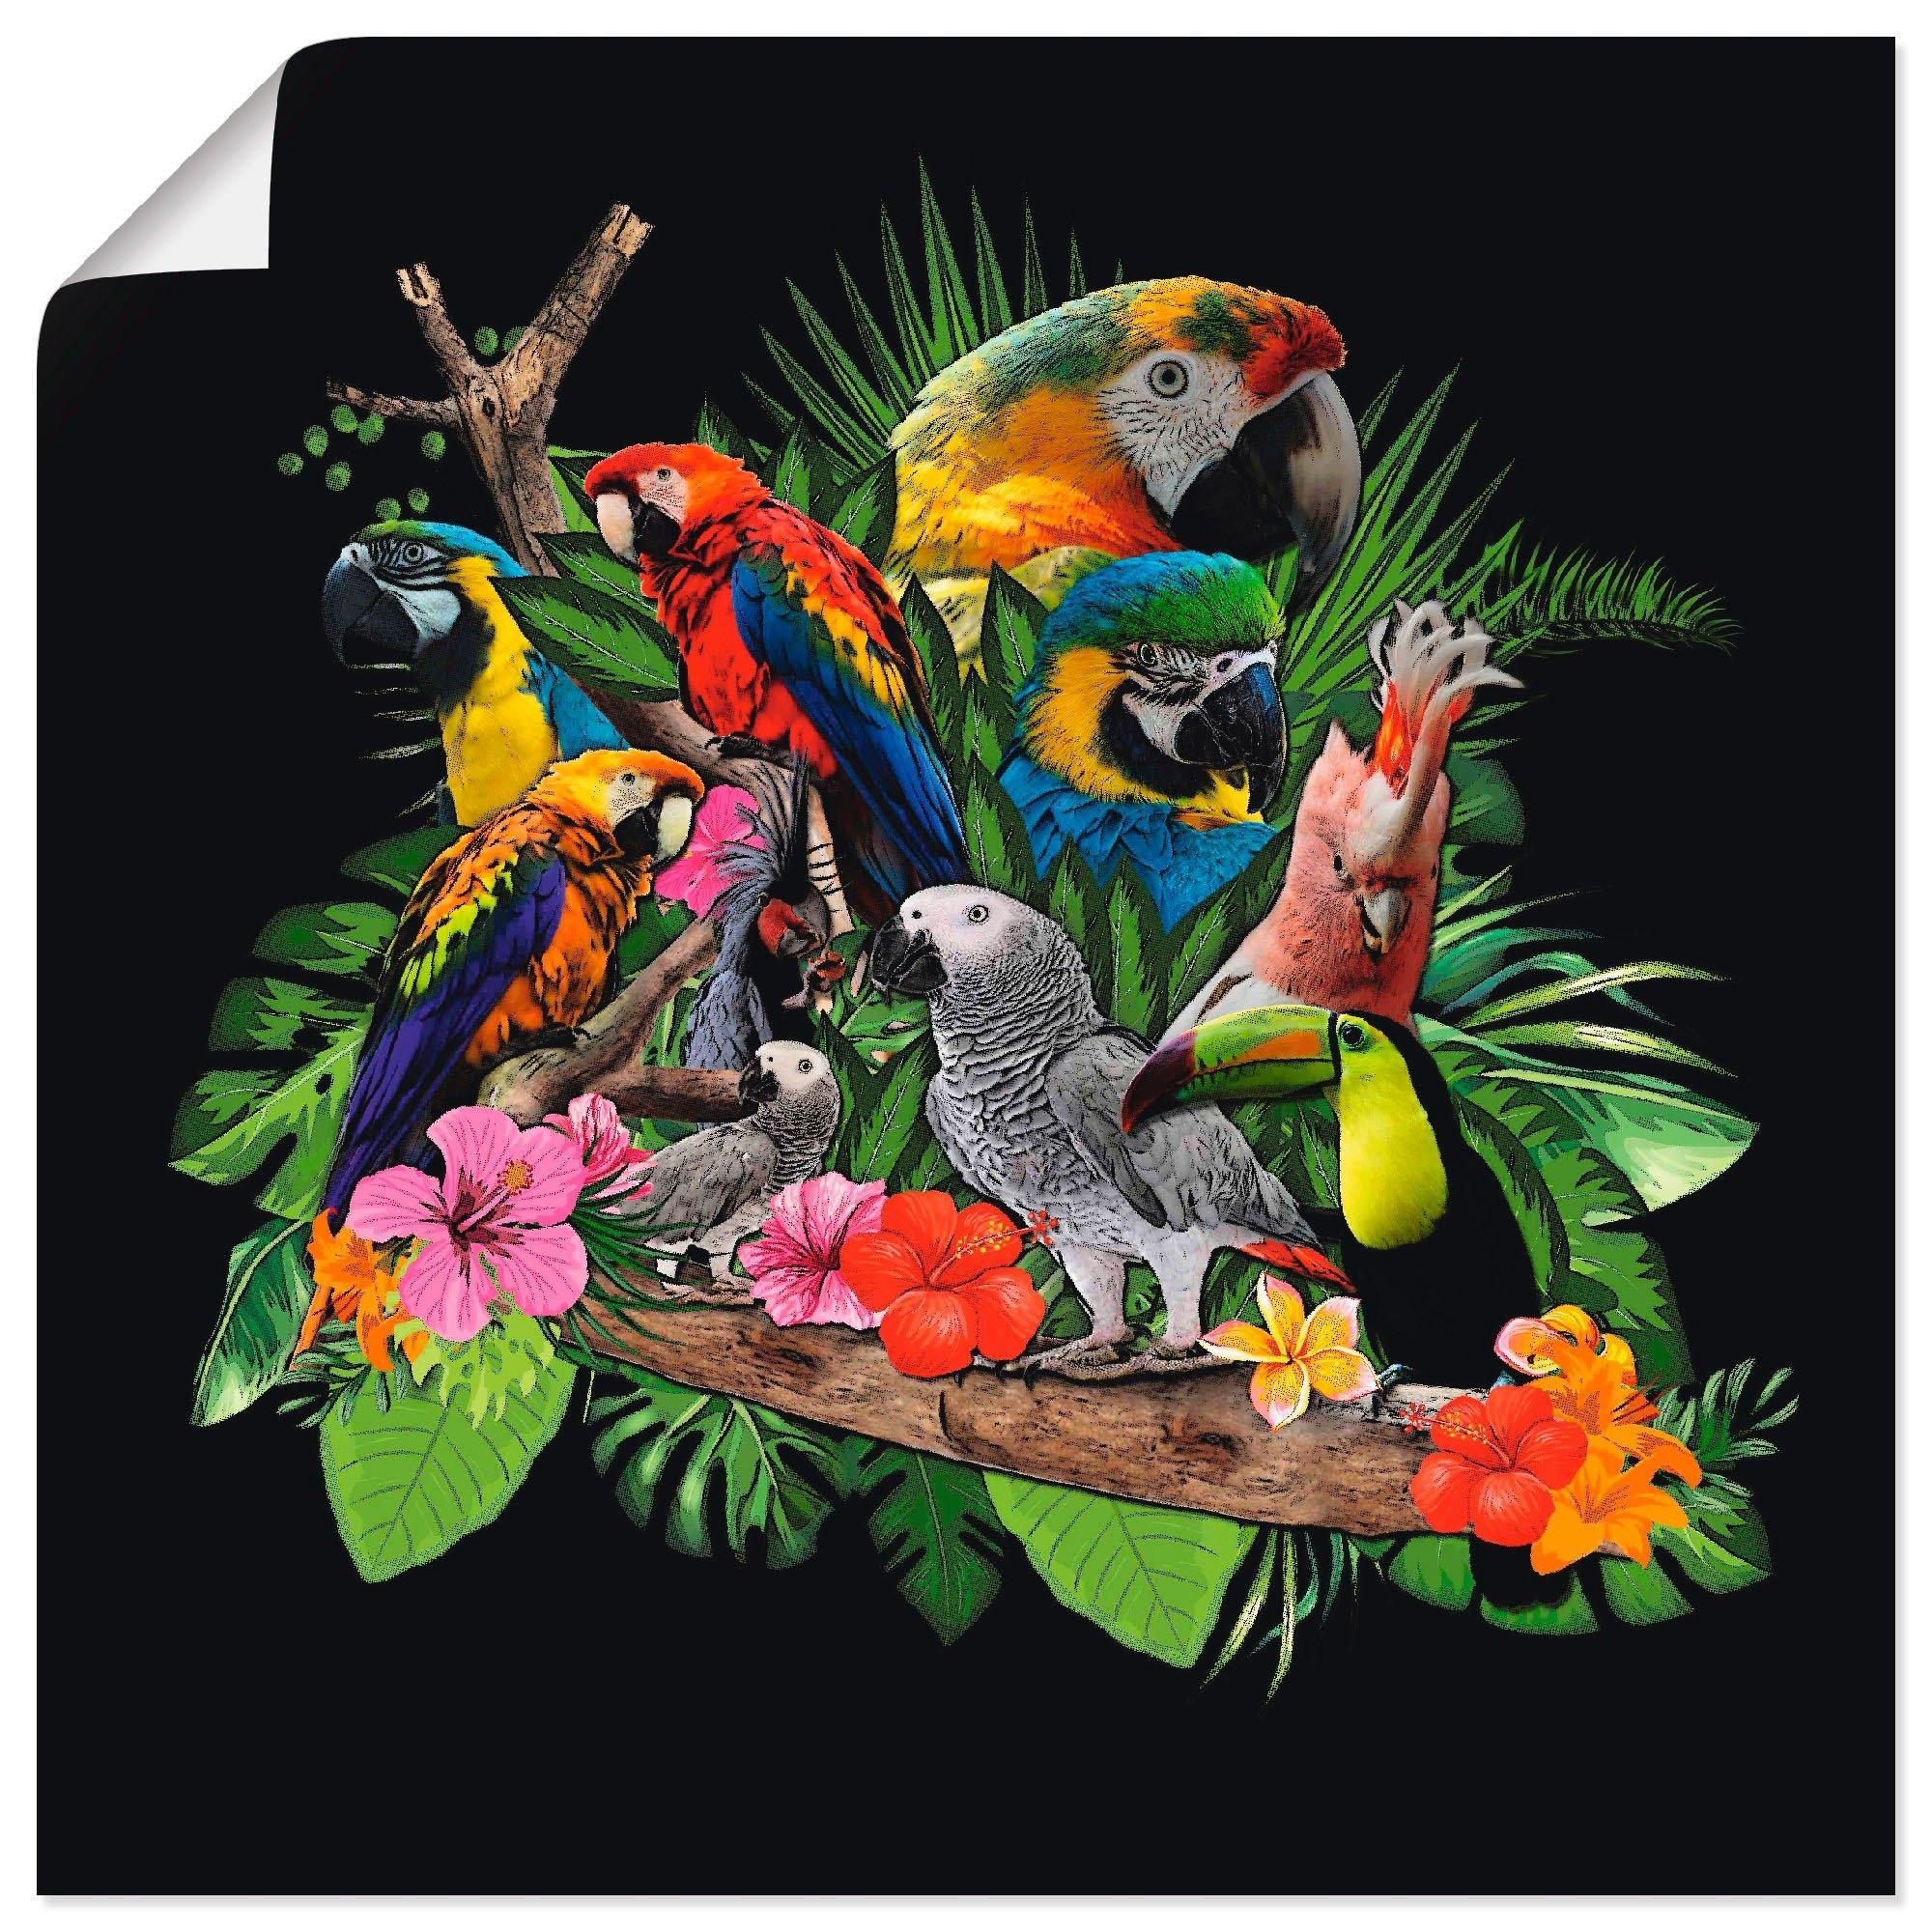 Artland artprint Papegaaien Grijze Papegaai Kaketoe Jungle in vele afmetingen & productsoorten - artprint van aluminium / artprint voor buiten, artprint op linnen, poster, muursticker / wandfolie ook geschikt voor de badkamer (1 stuk) goedkoop op otto.nl kopen